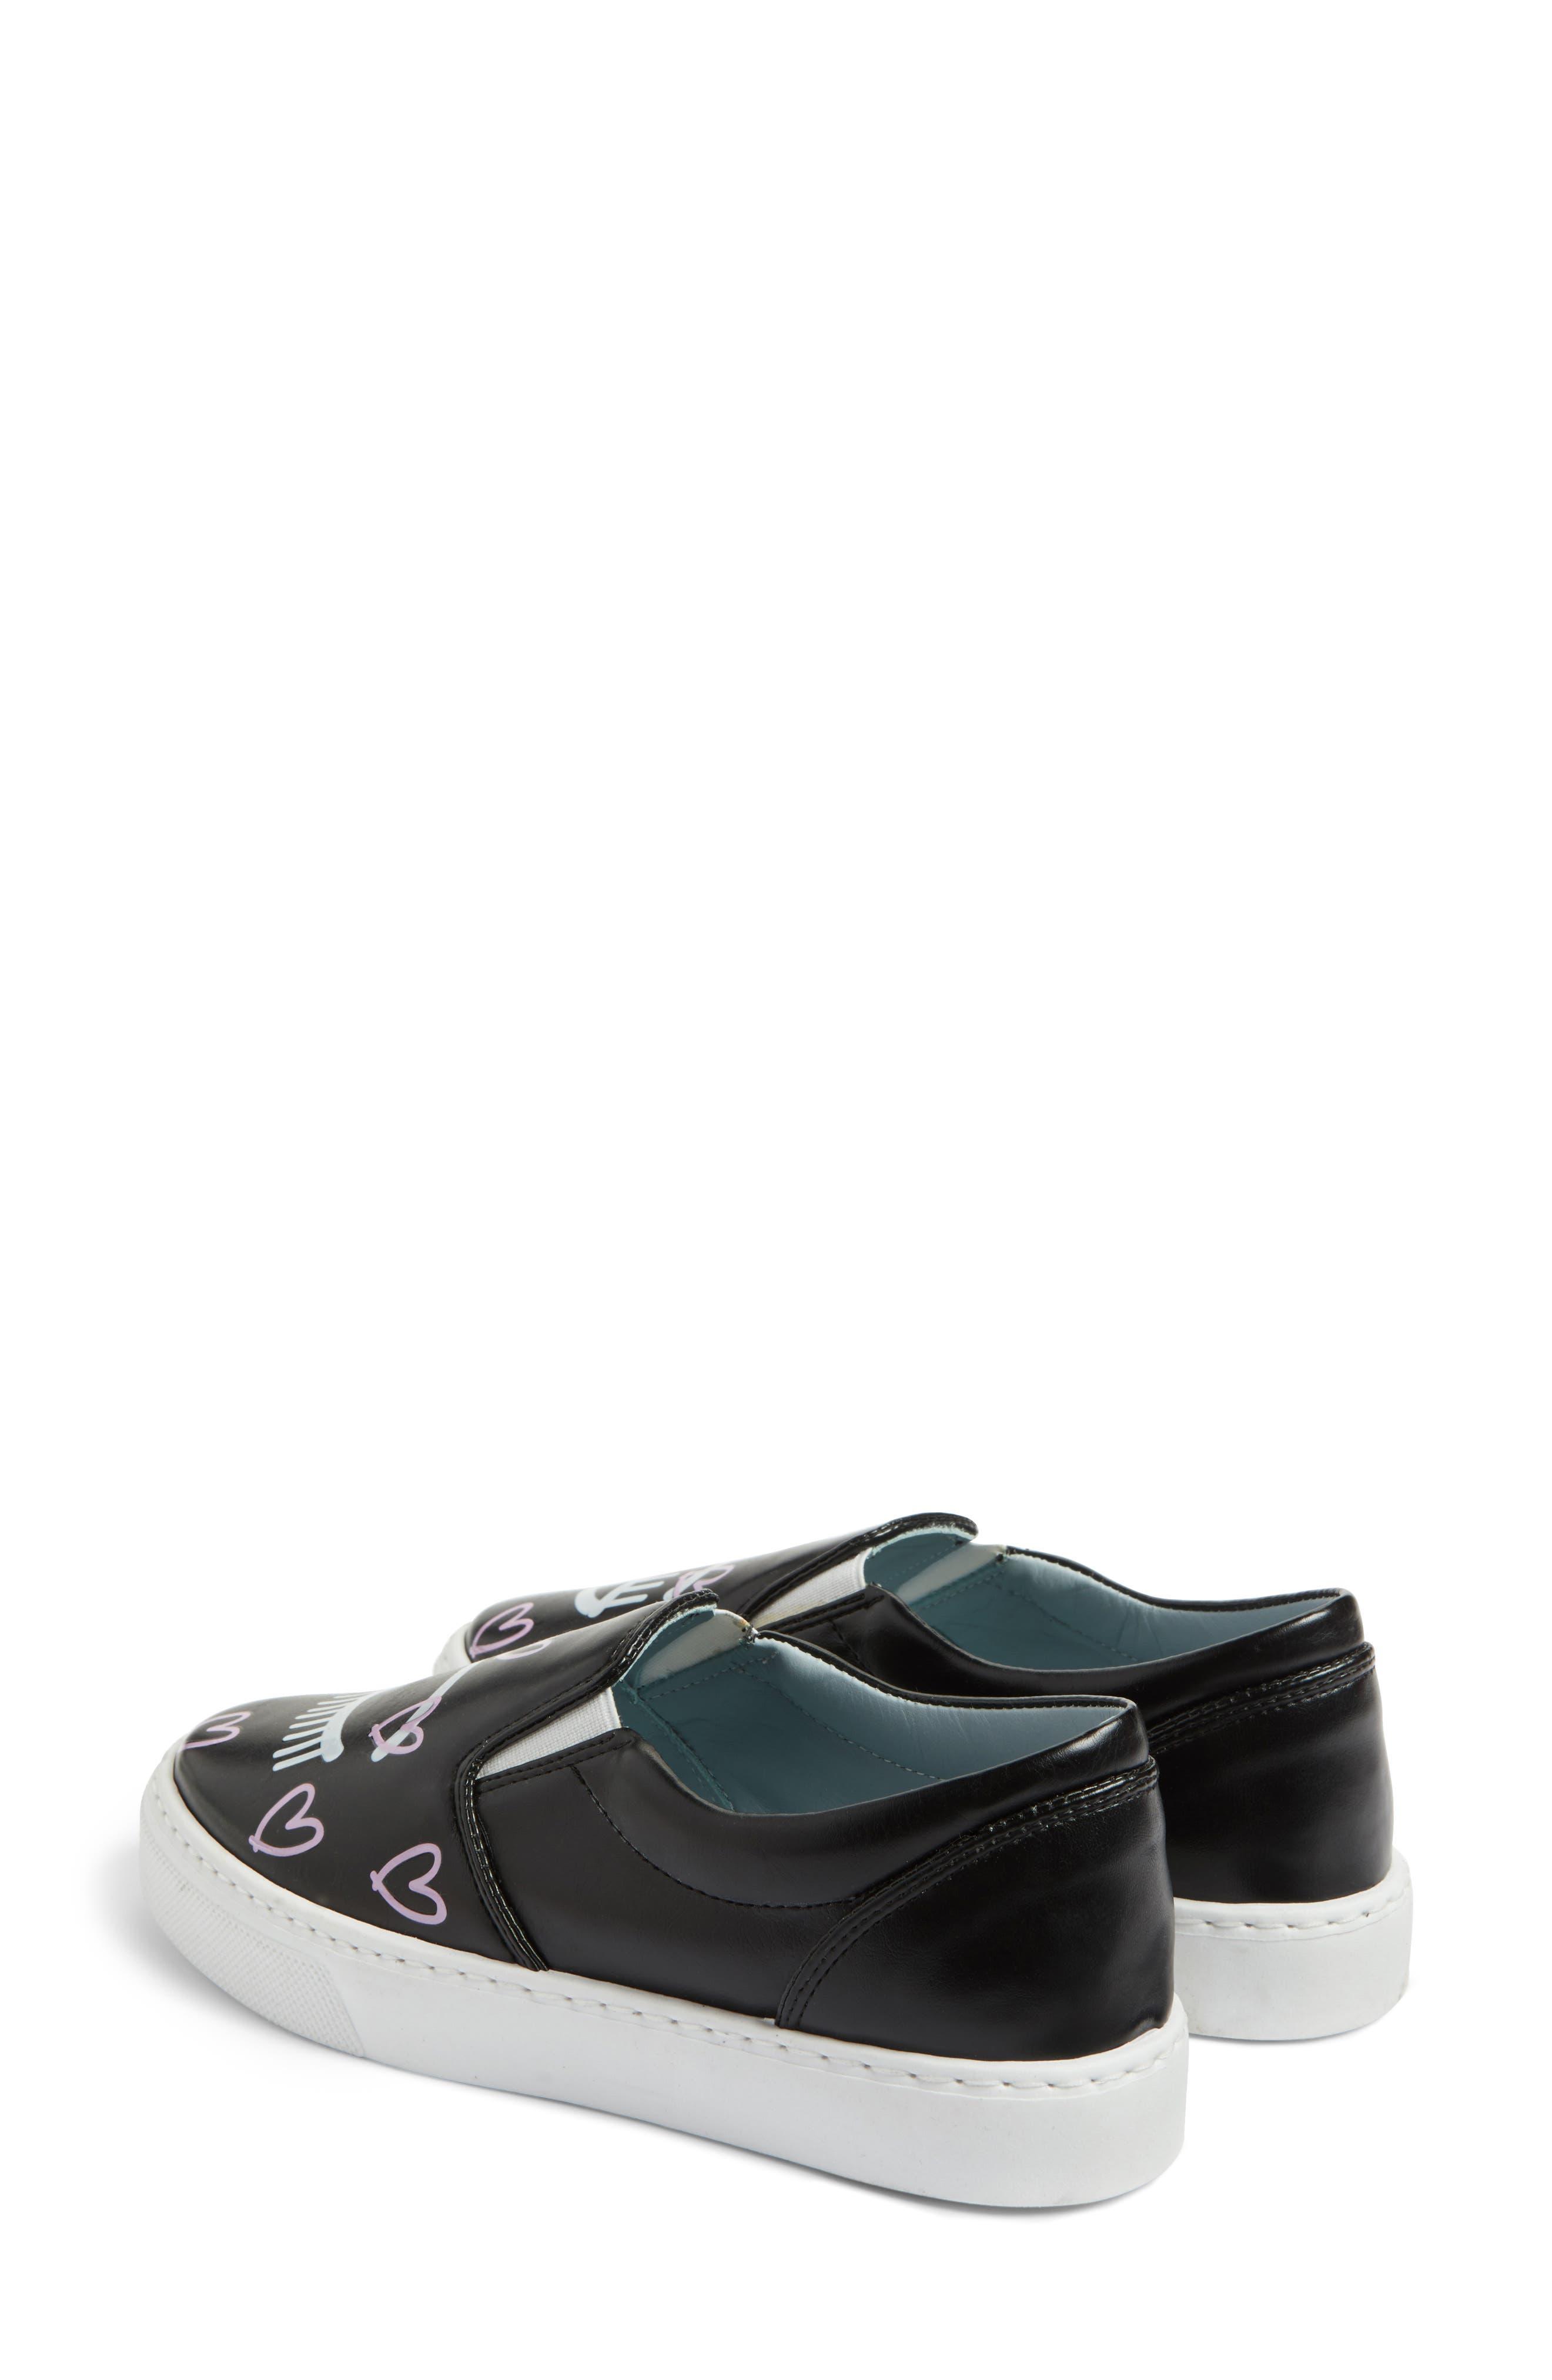 Candy Flirting Slip-On Sneaker,                             Alternate thumbnail 3, color,                             001